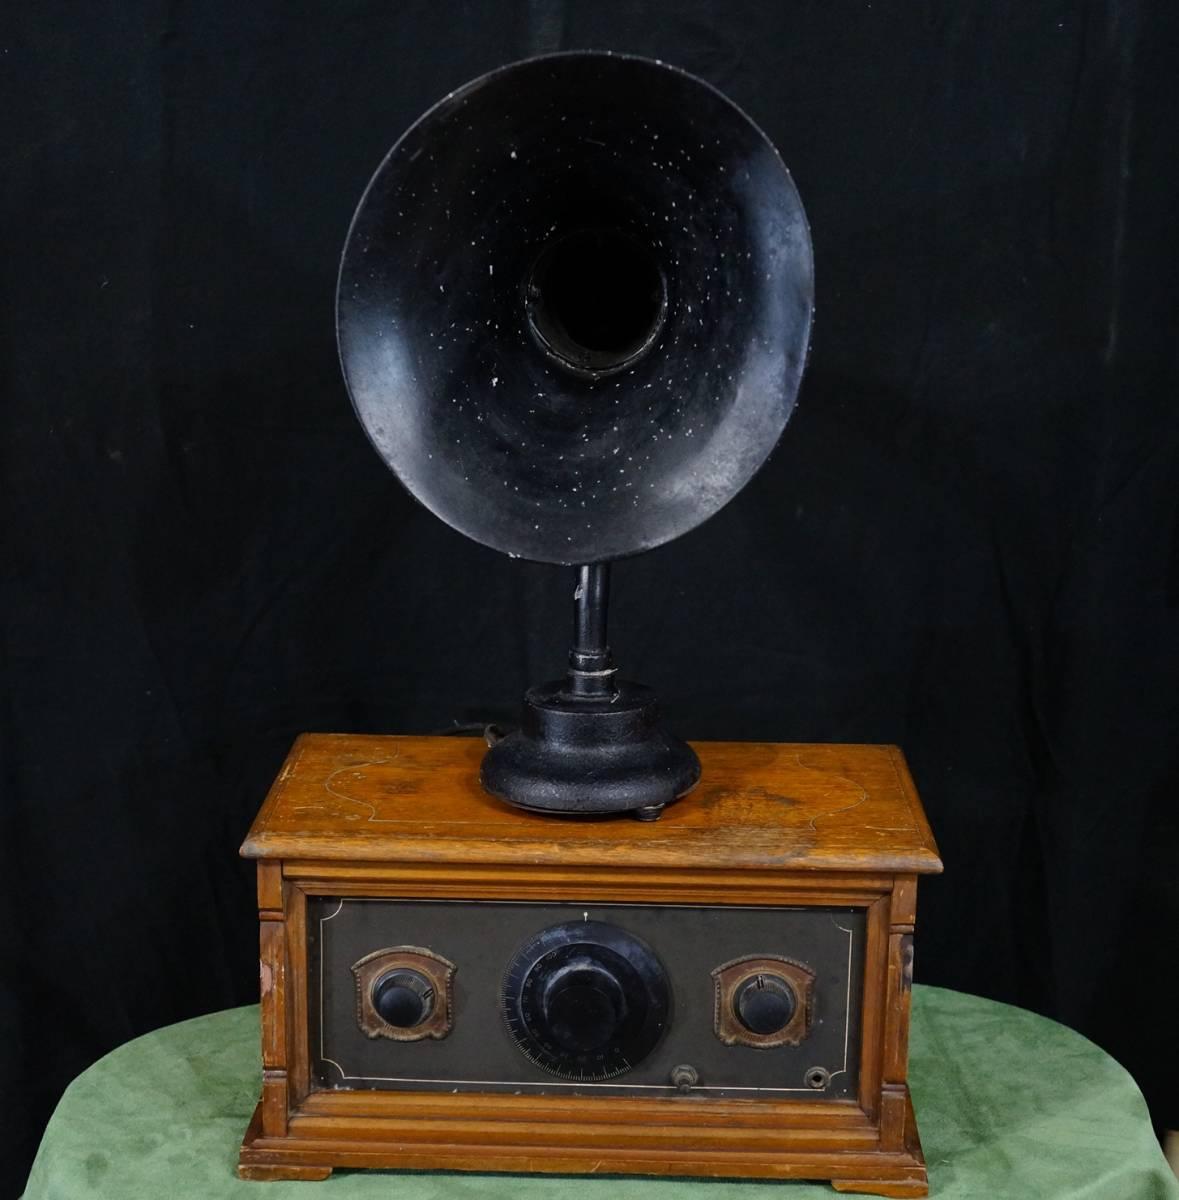 真空管ラジオ  ラッパ式 初期型? 詳細不明  アンティーク